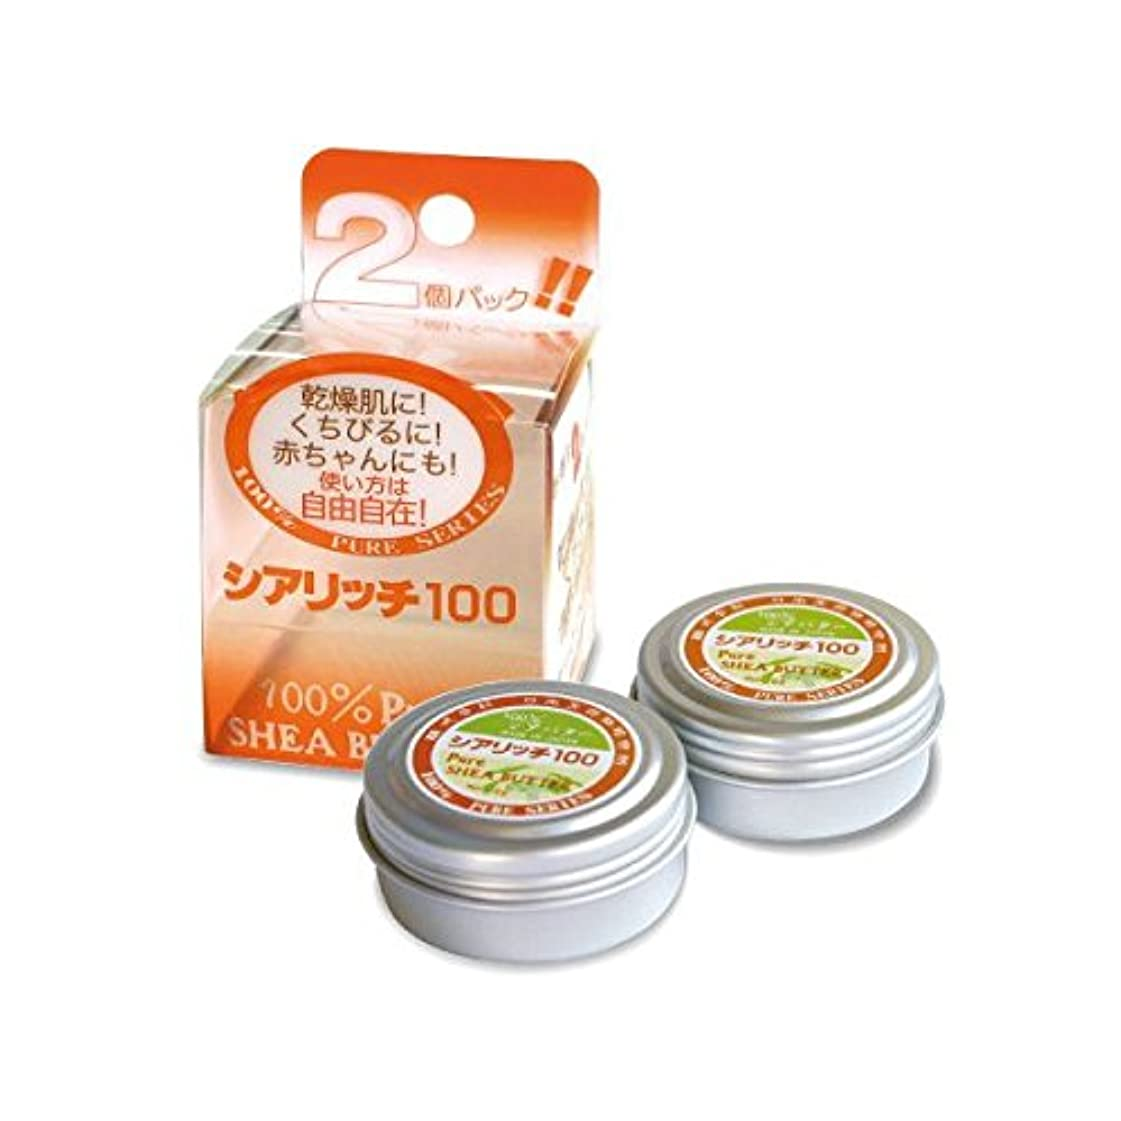 リーズ砲兵委員長日本天然物研究所 シアリッチ100 (8g×2個入り)【単品】(無添加100%シアバター)無香料